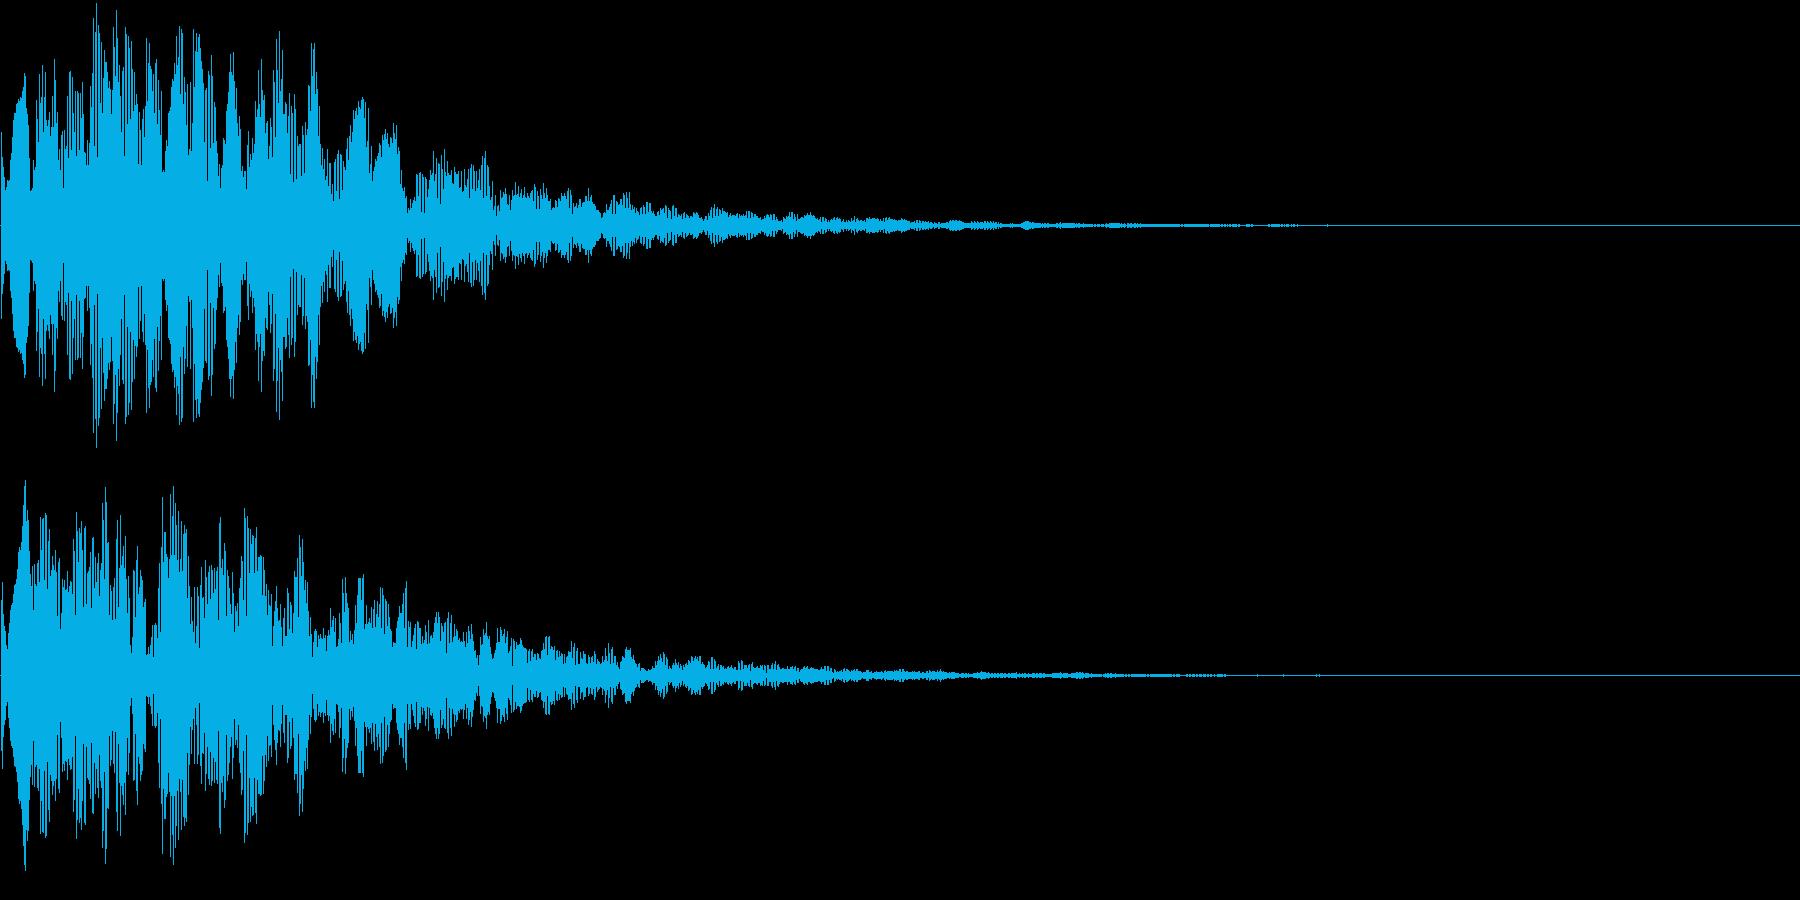 決定音(ピコーン)の再生済みの波形